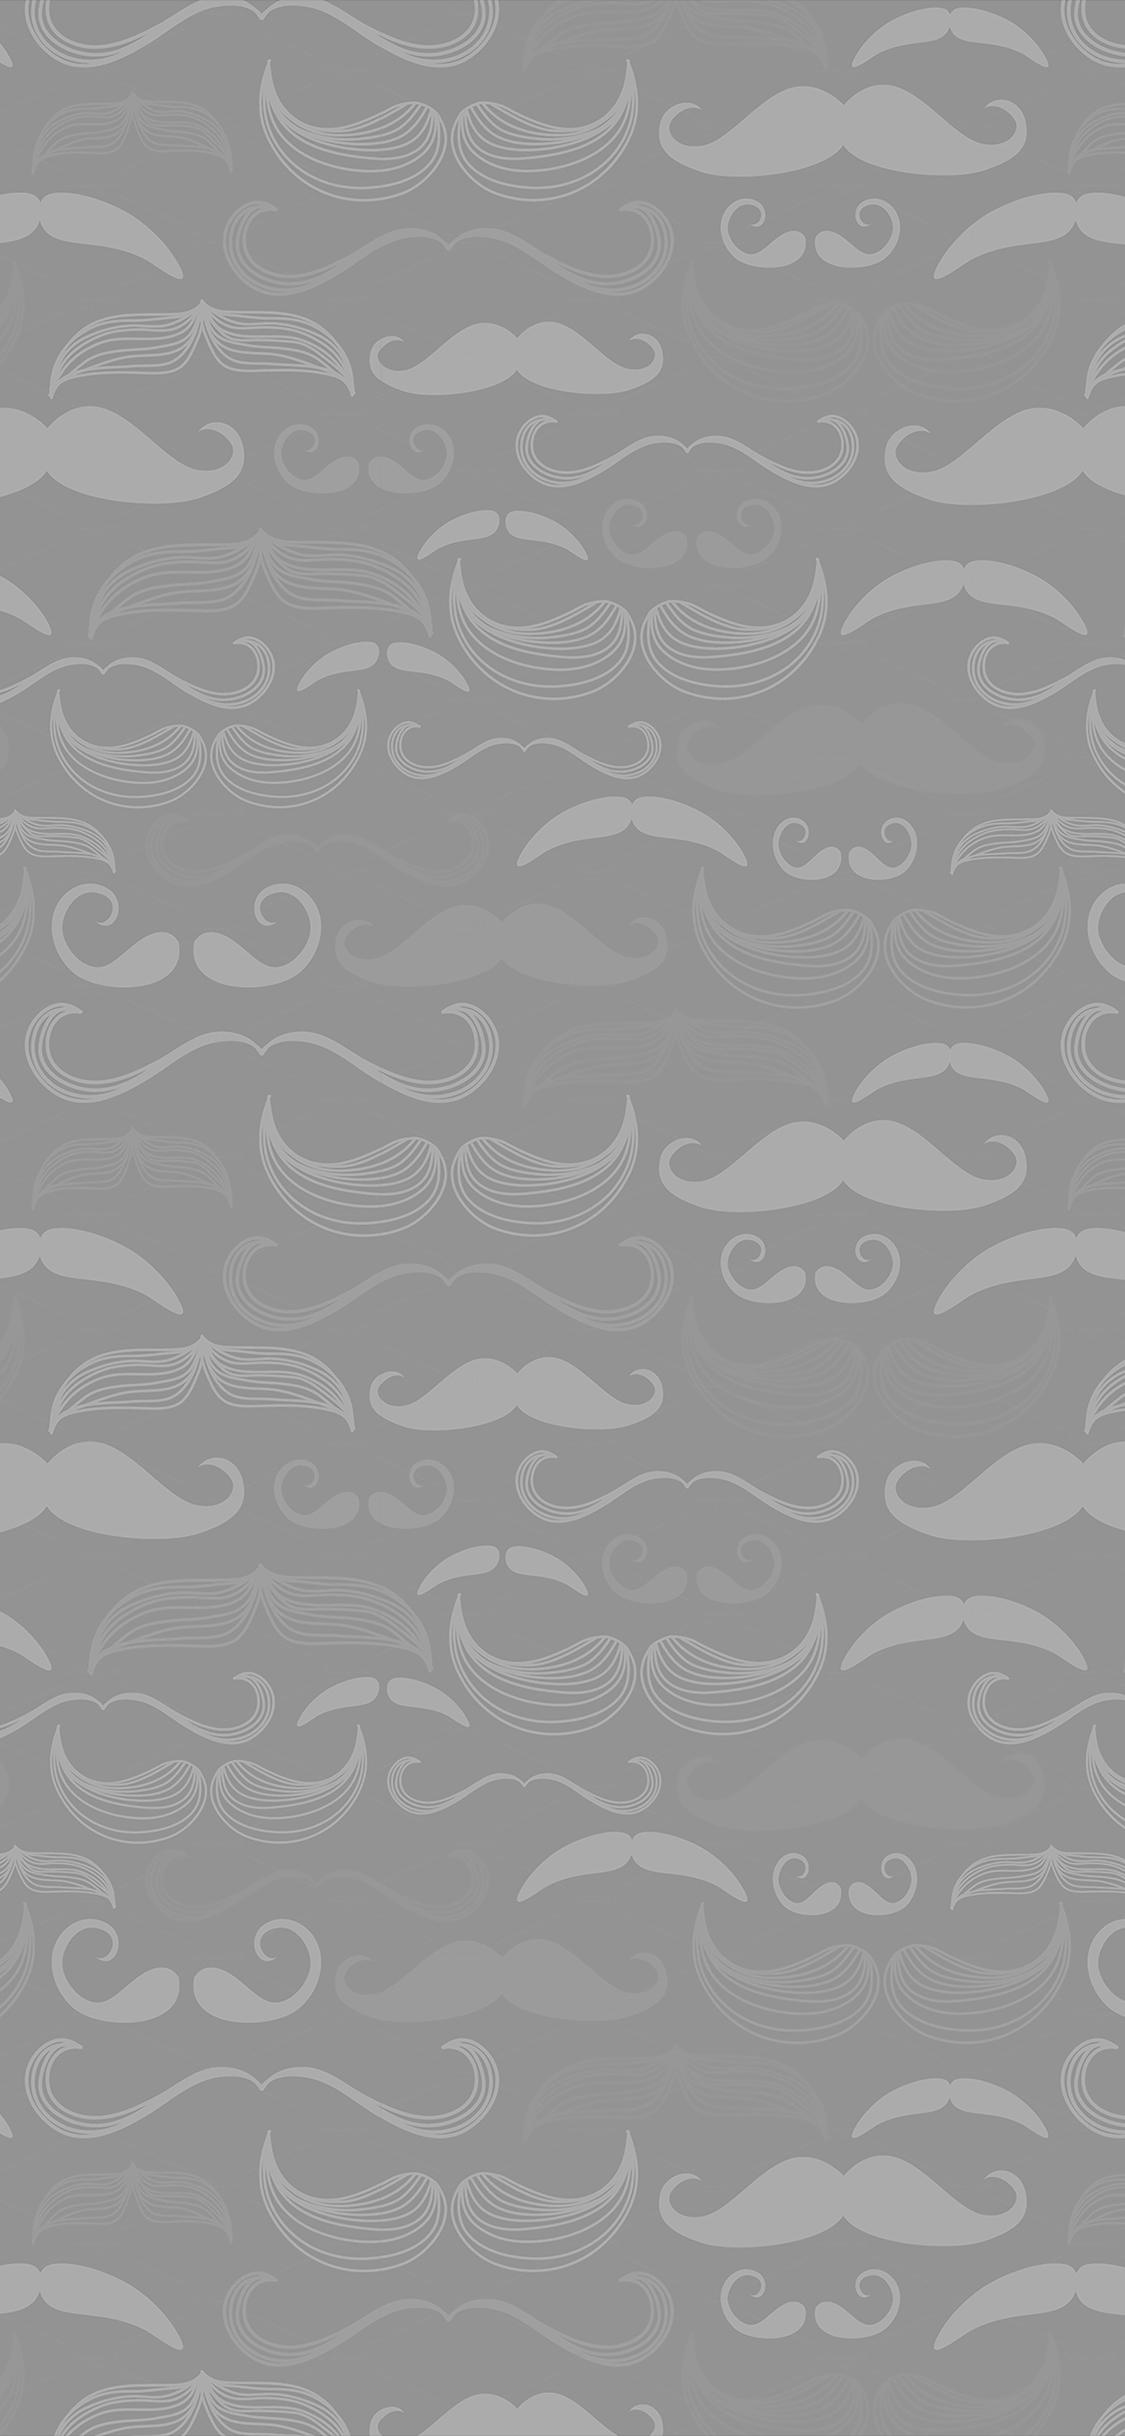 Ve73 Hipster Moustache Cute Light Patterns